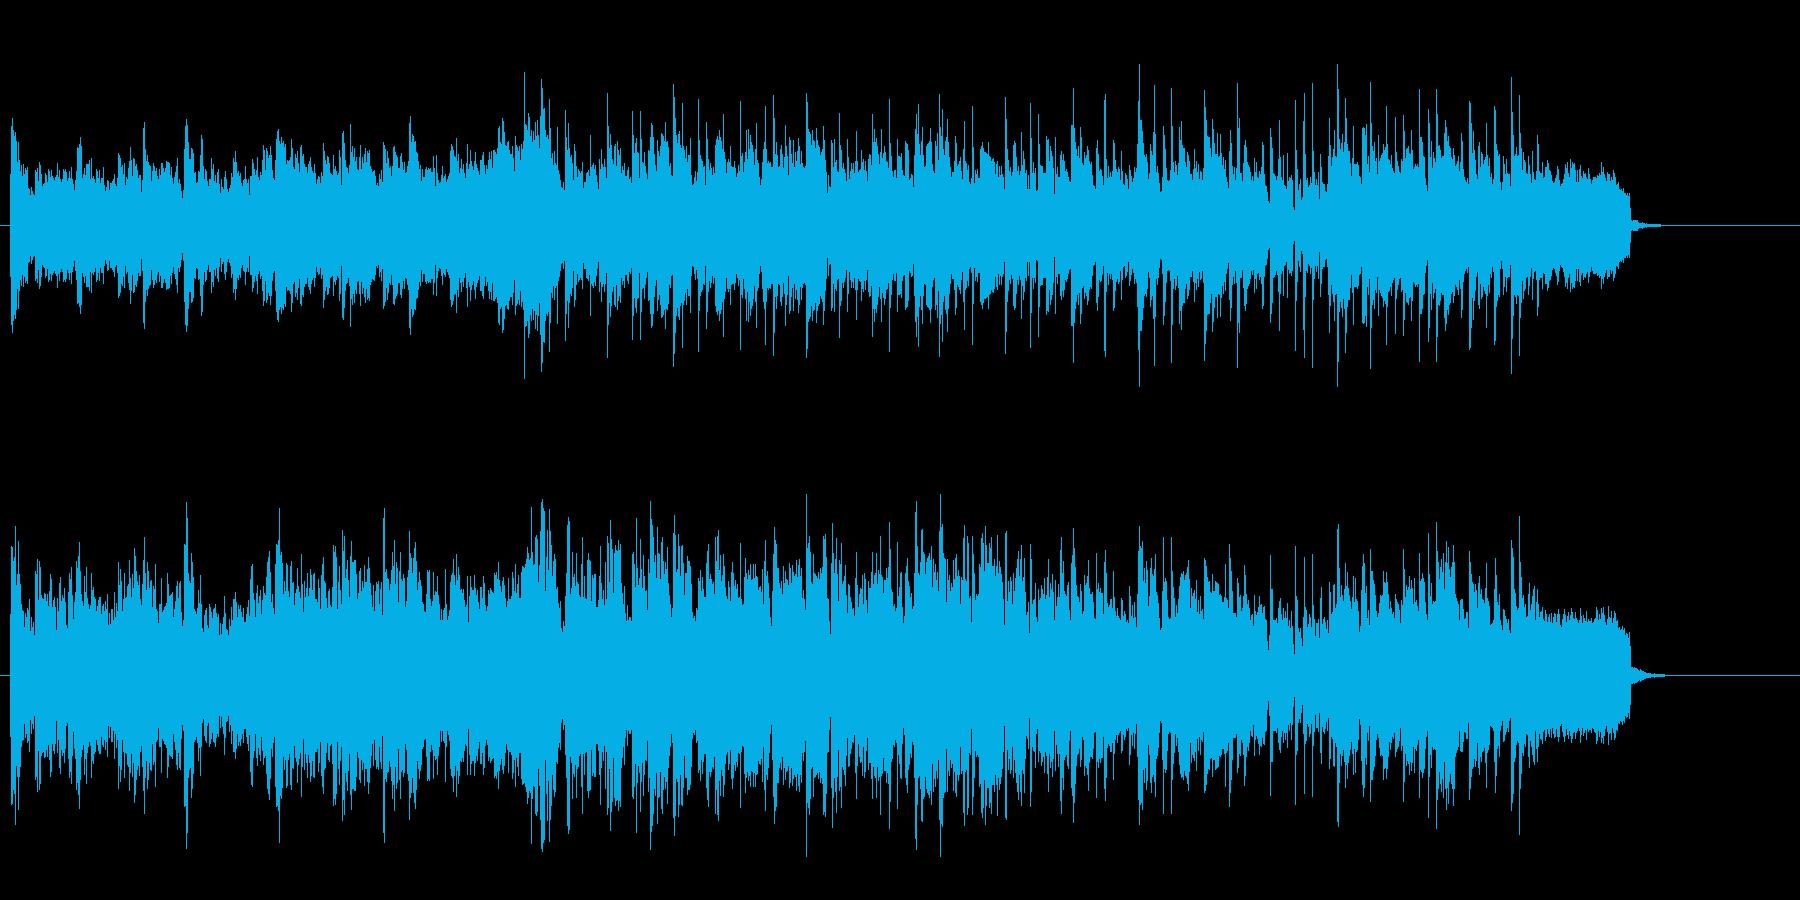 ペット、子供、ほのぼの家庭B.G.M.の再生済みの波形